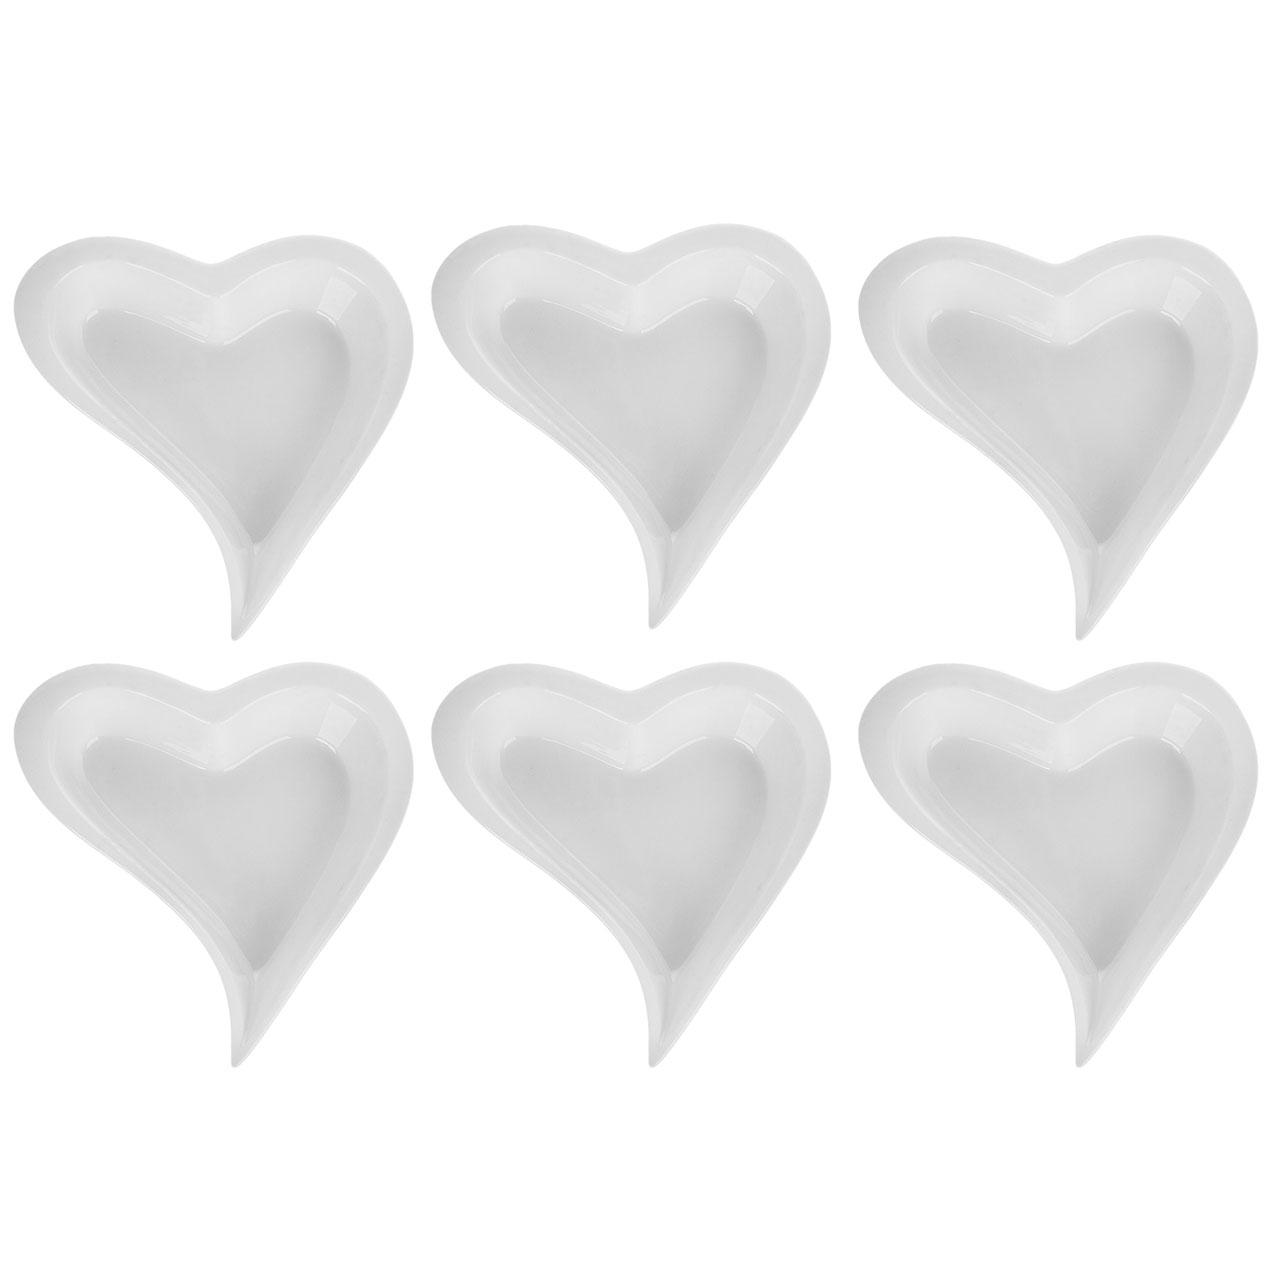 پیاله رومنس طرح قلبی بسته 6 عددی